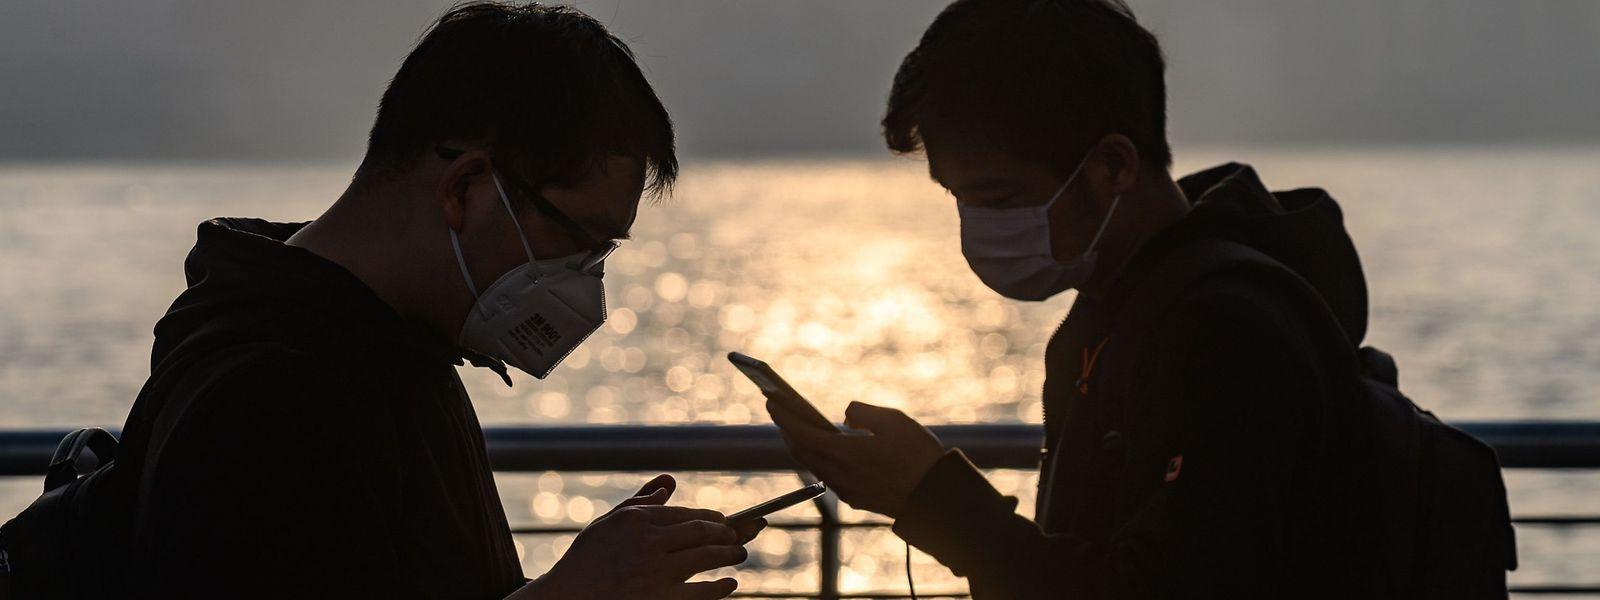 Jugendliche mit Atemschutzmasken blicken auf ihre Handys: Die Regierung in Hongkong rät, so wenig wie möglich vor die Tür zu gehen und Ansammlungen von Menschen zu meiden.